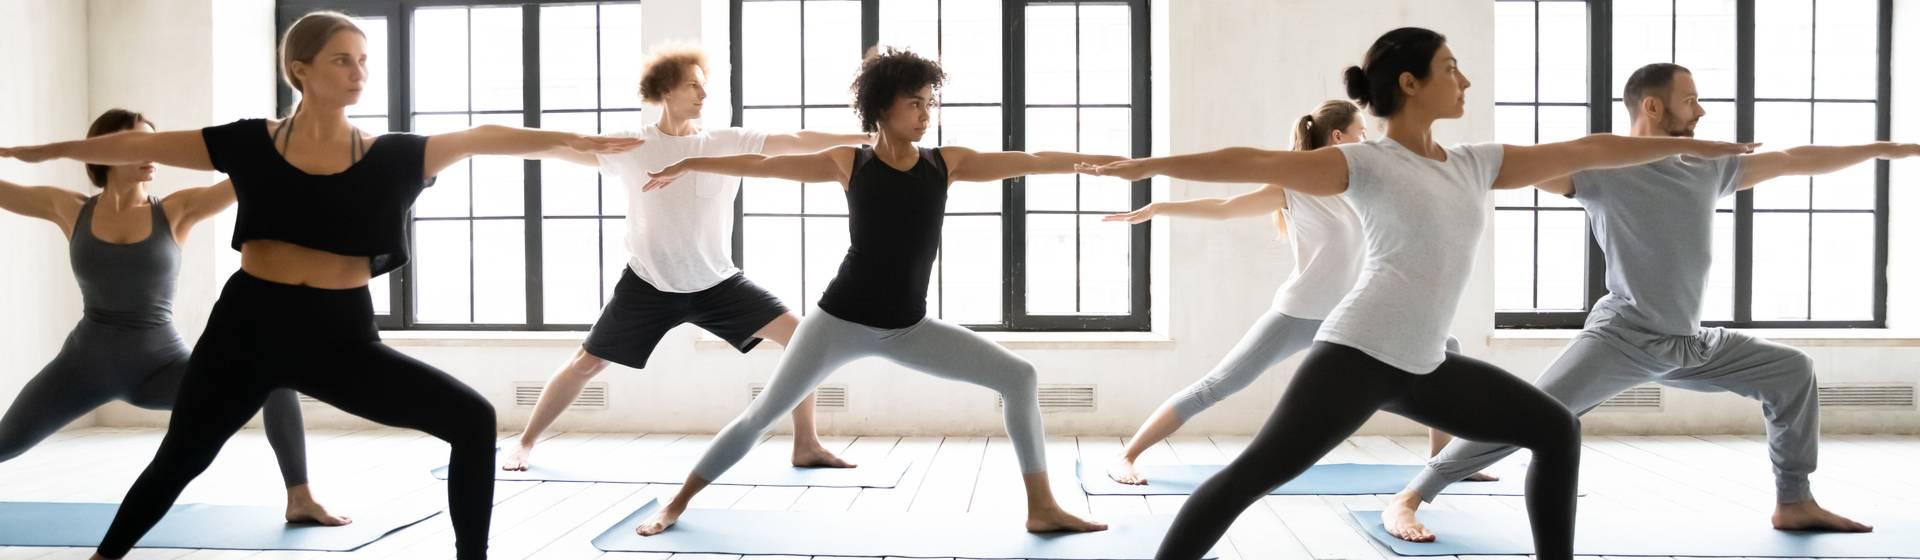 Hatha Yoga: o que é? Veja quais os benefícios e dicas de posturas